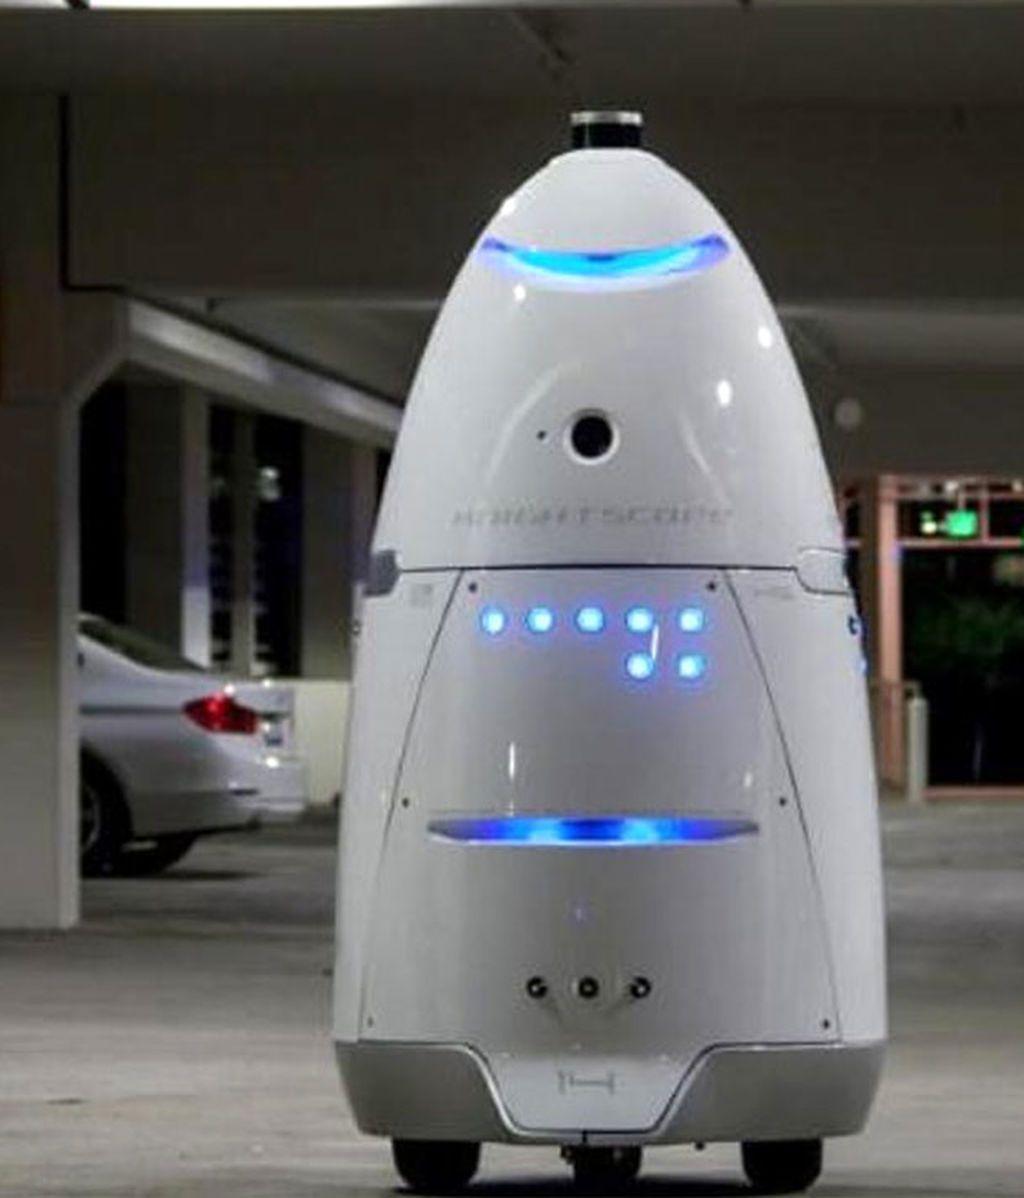 Un hombre borracho agrede a un robot que custodiaba un aparcamiento en Mountain View